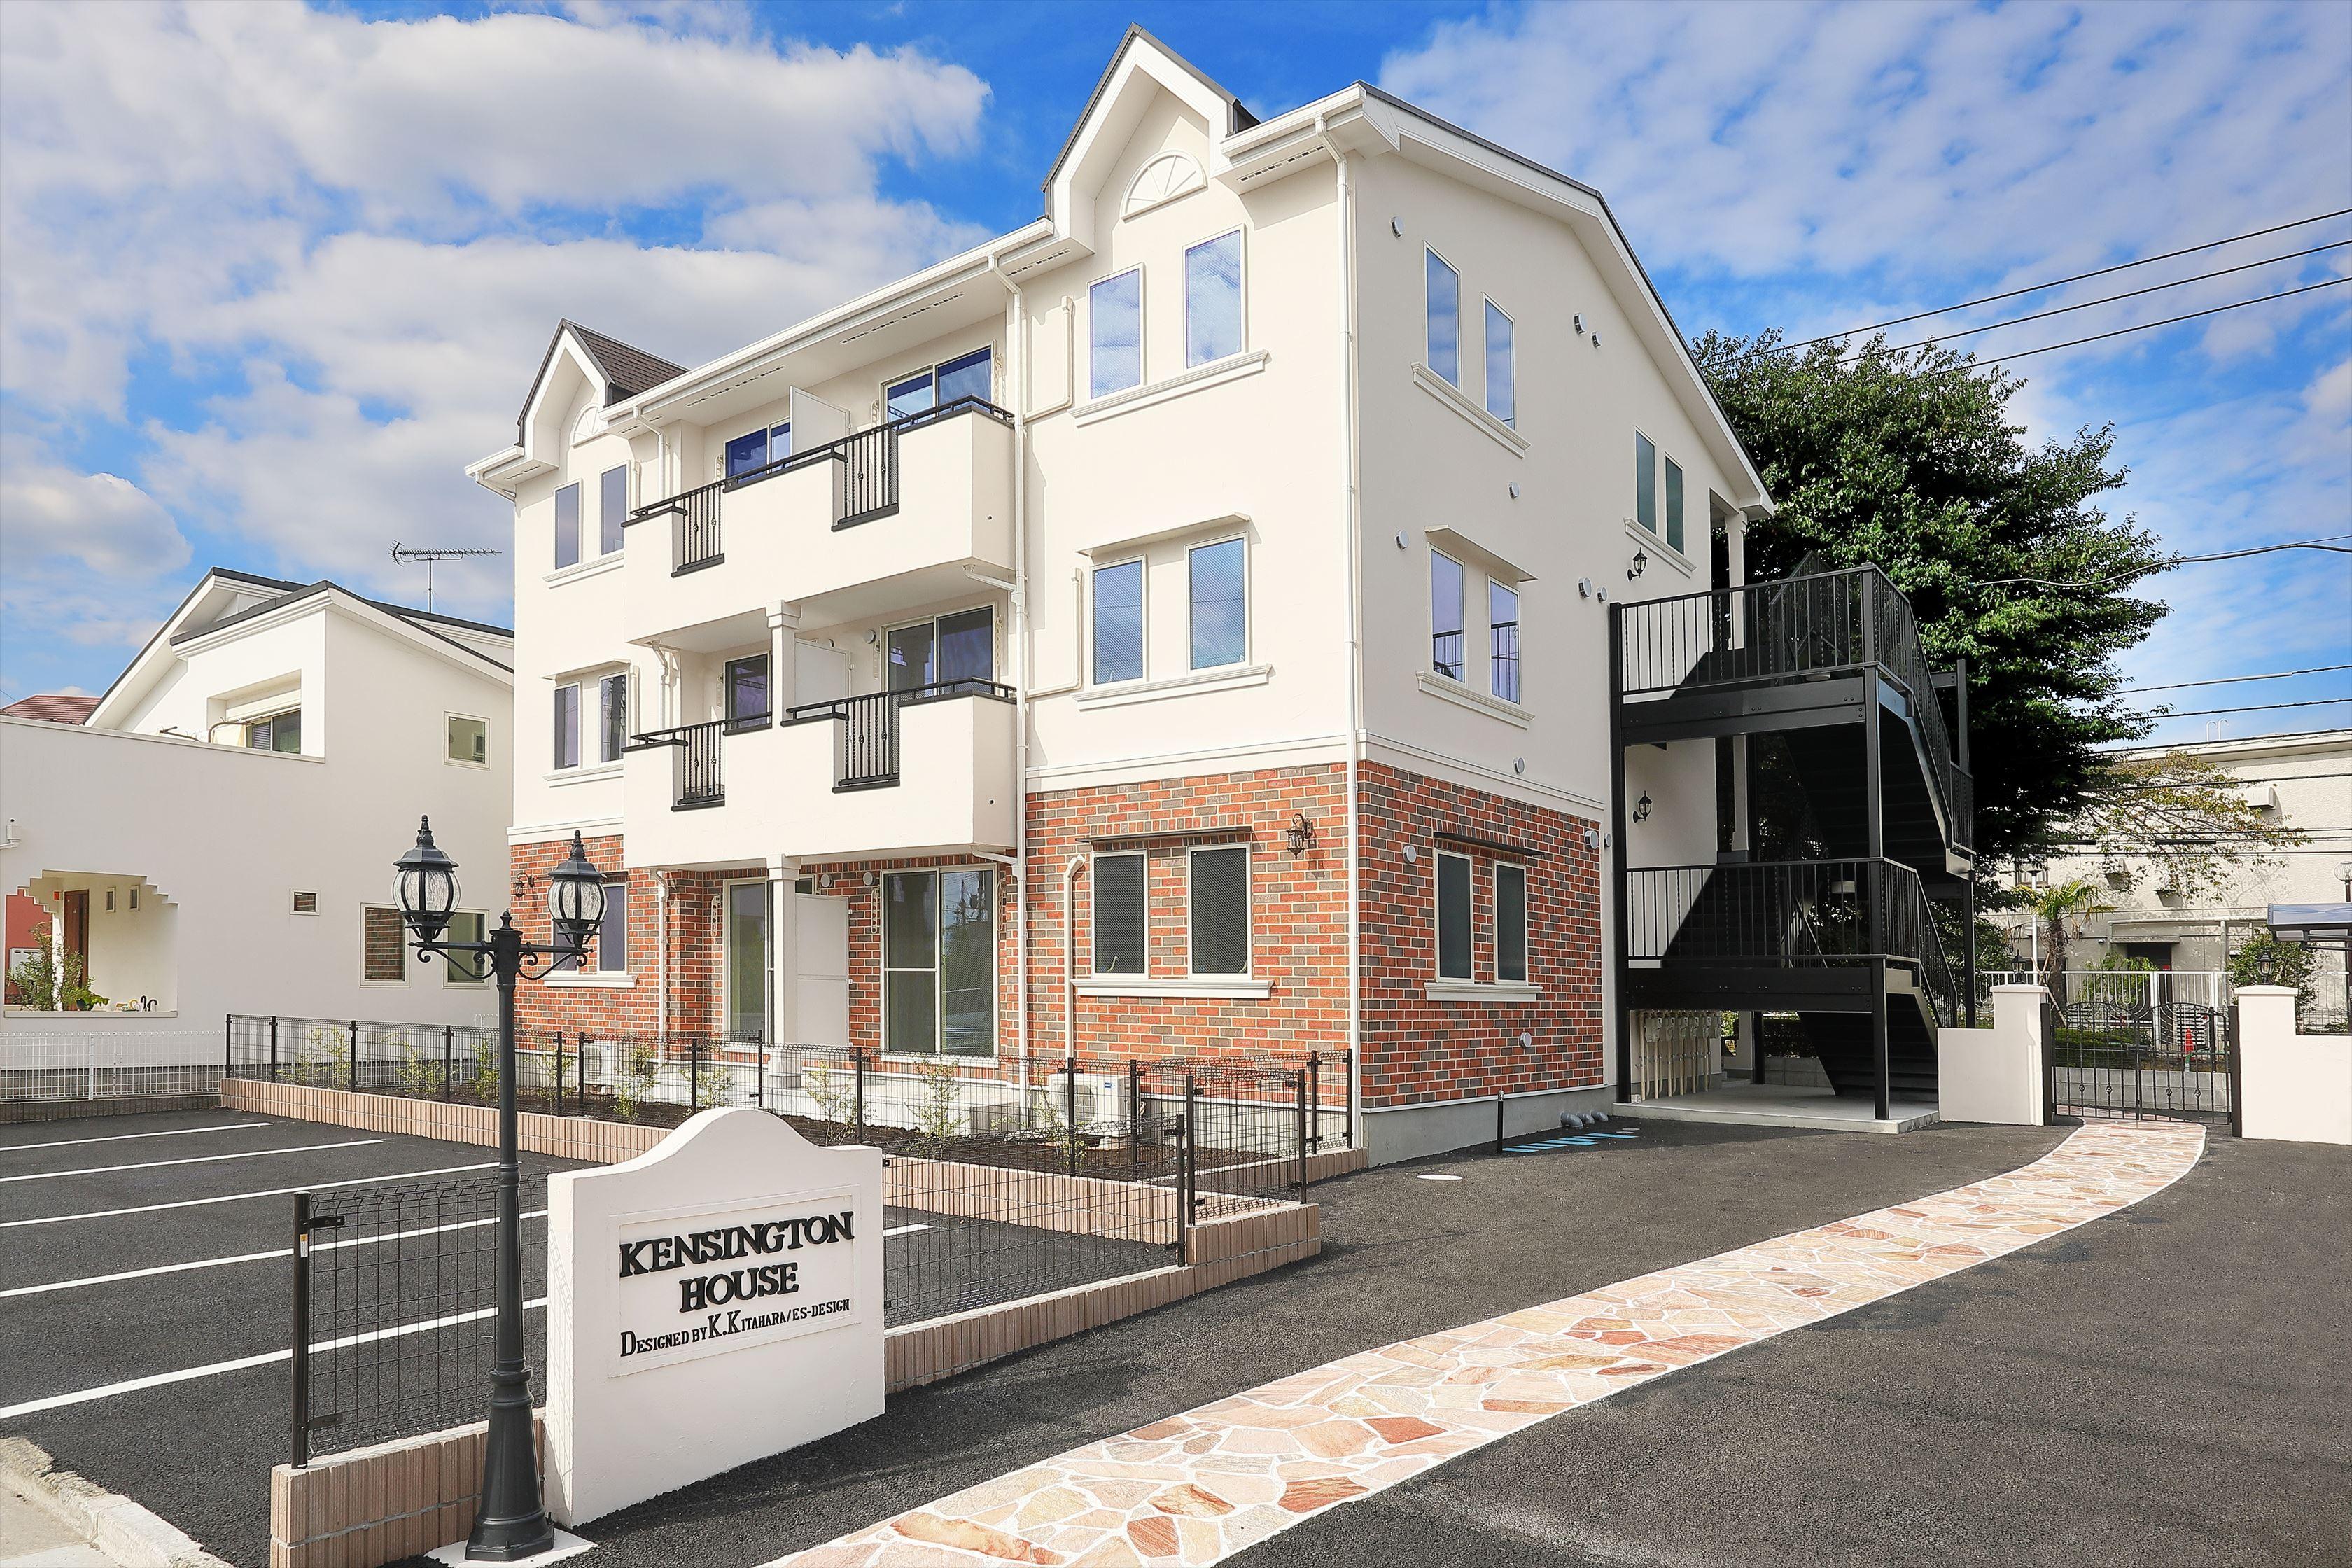 外観事例:6世帯のファミリーアパートメント(Kengington House(ケンジントンハウス))